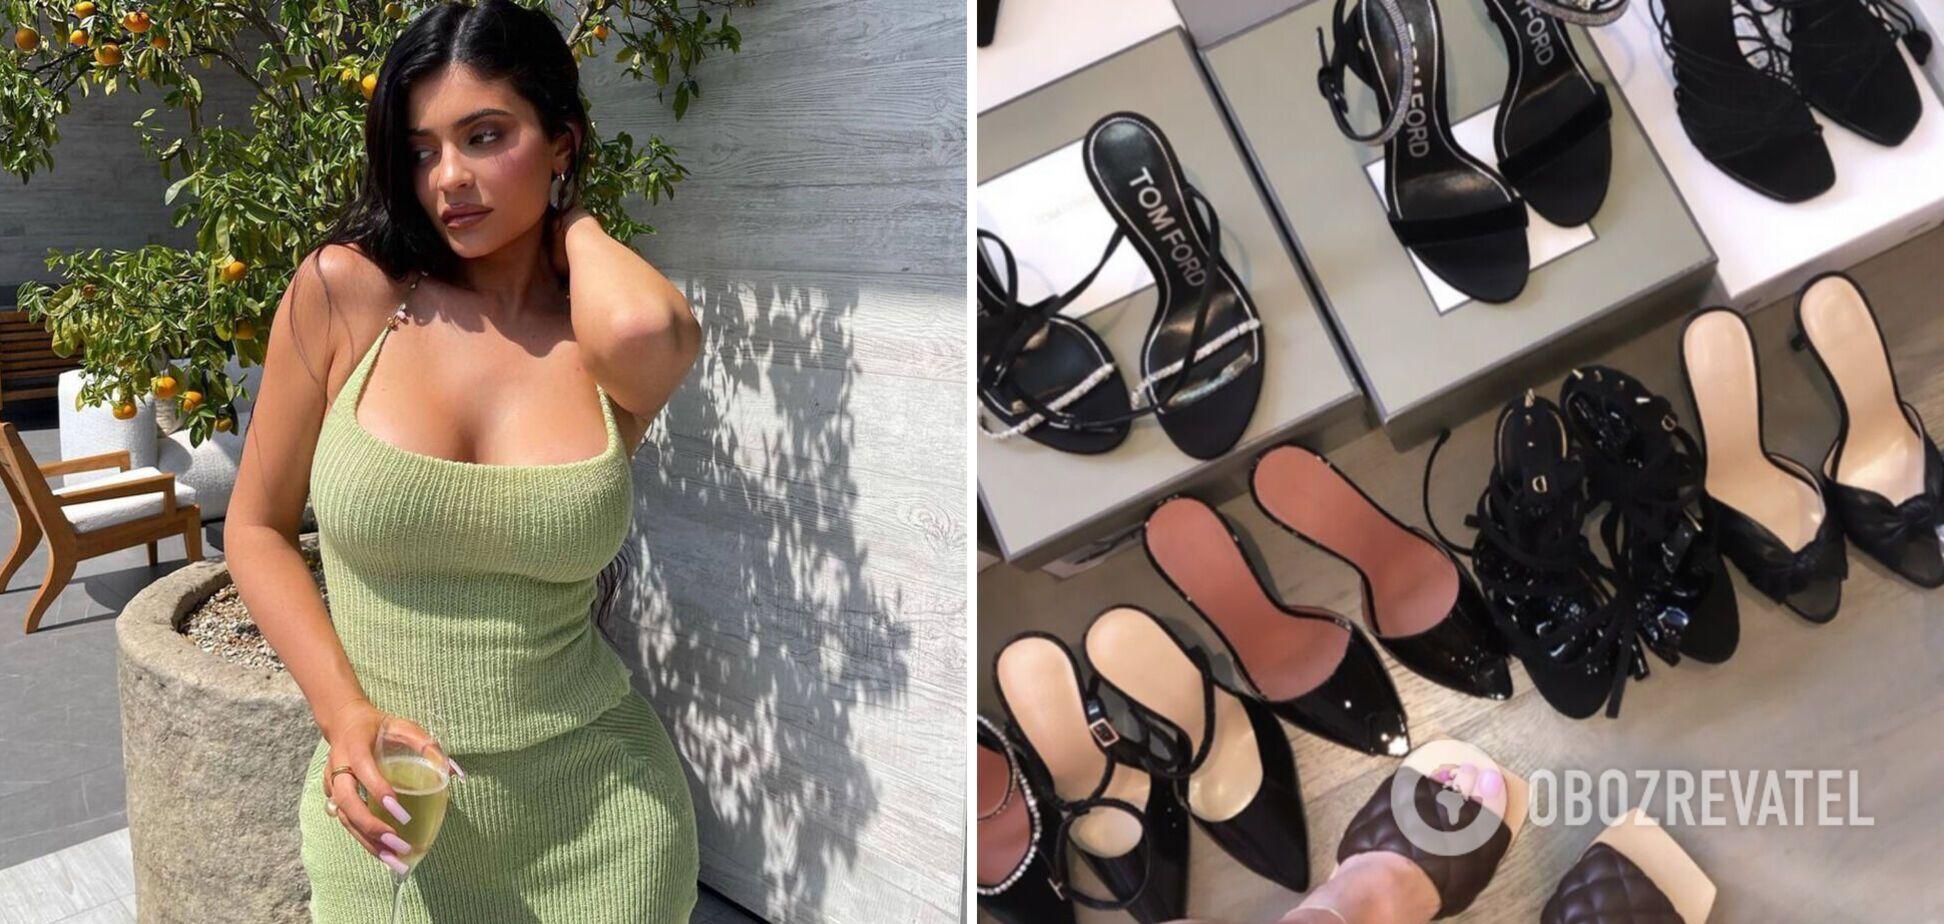 Наймолодша мільярдерка у світі похвалилася колекцією взуття на осінь 2021 року.